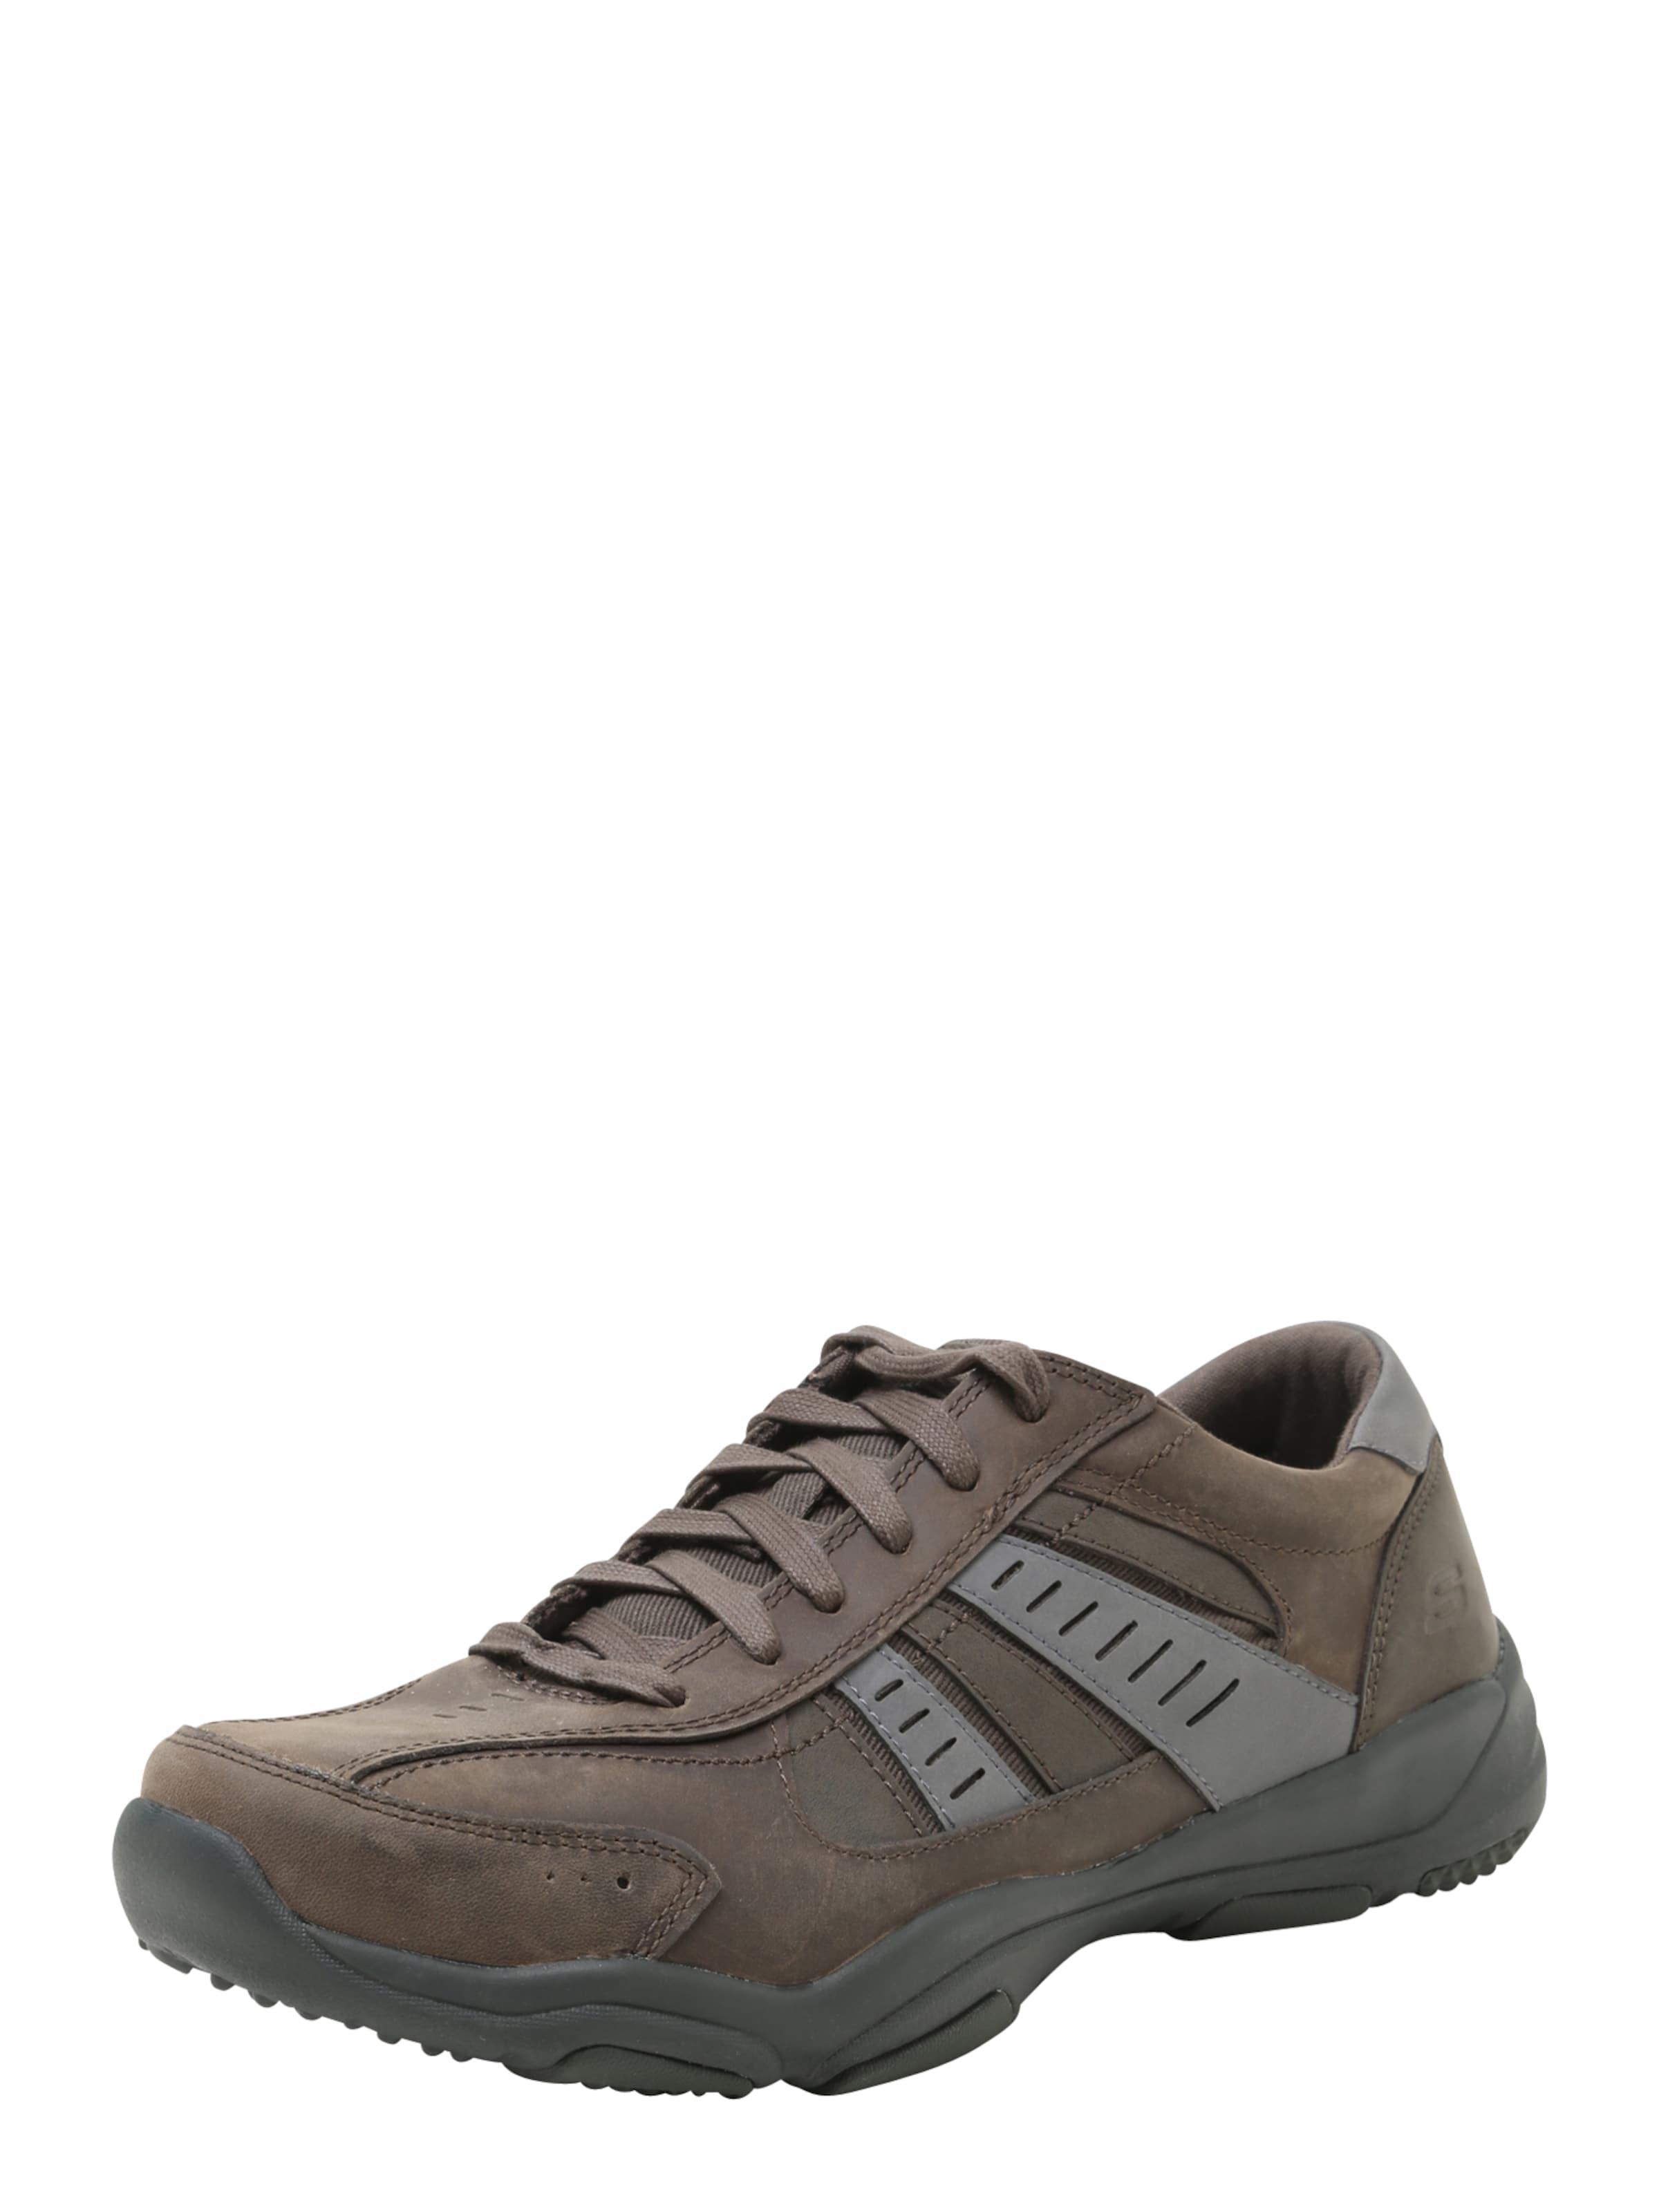 SKECHERS Sneaker LARSON - NERICK Hohe Qualität